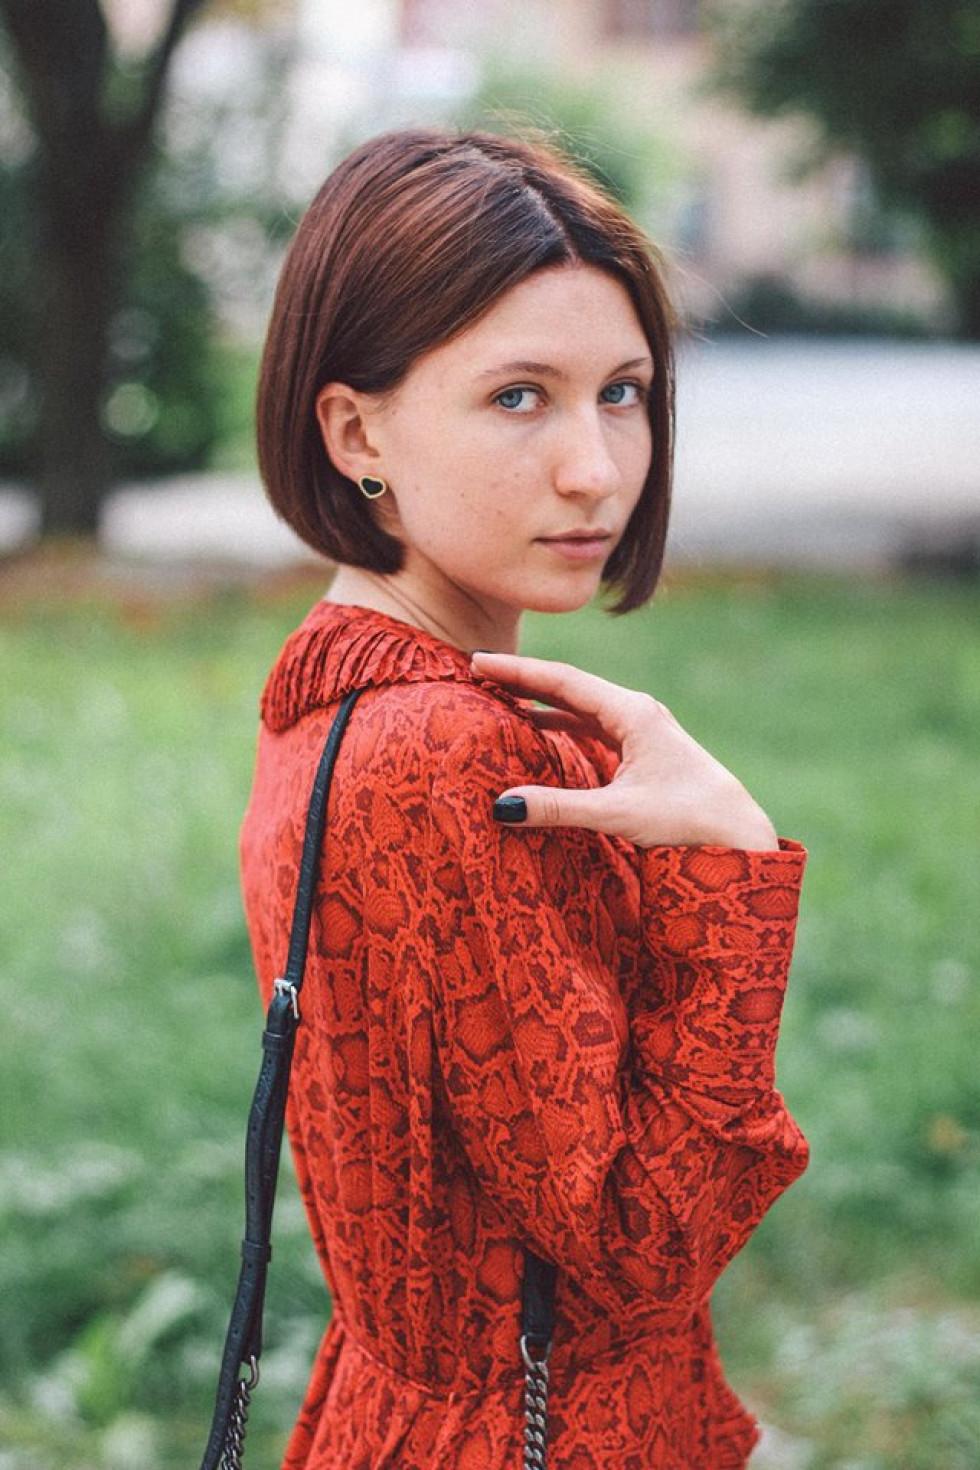 Лучанка Катерина Левчинська навчалася у двох престижних європейських університетах